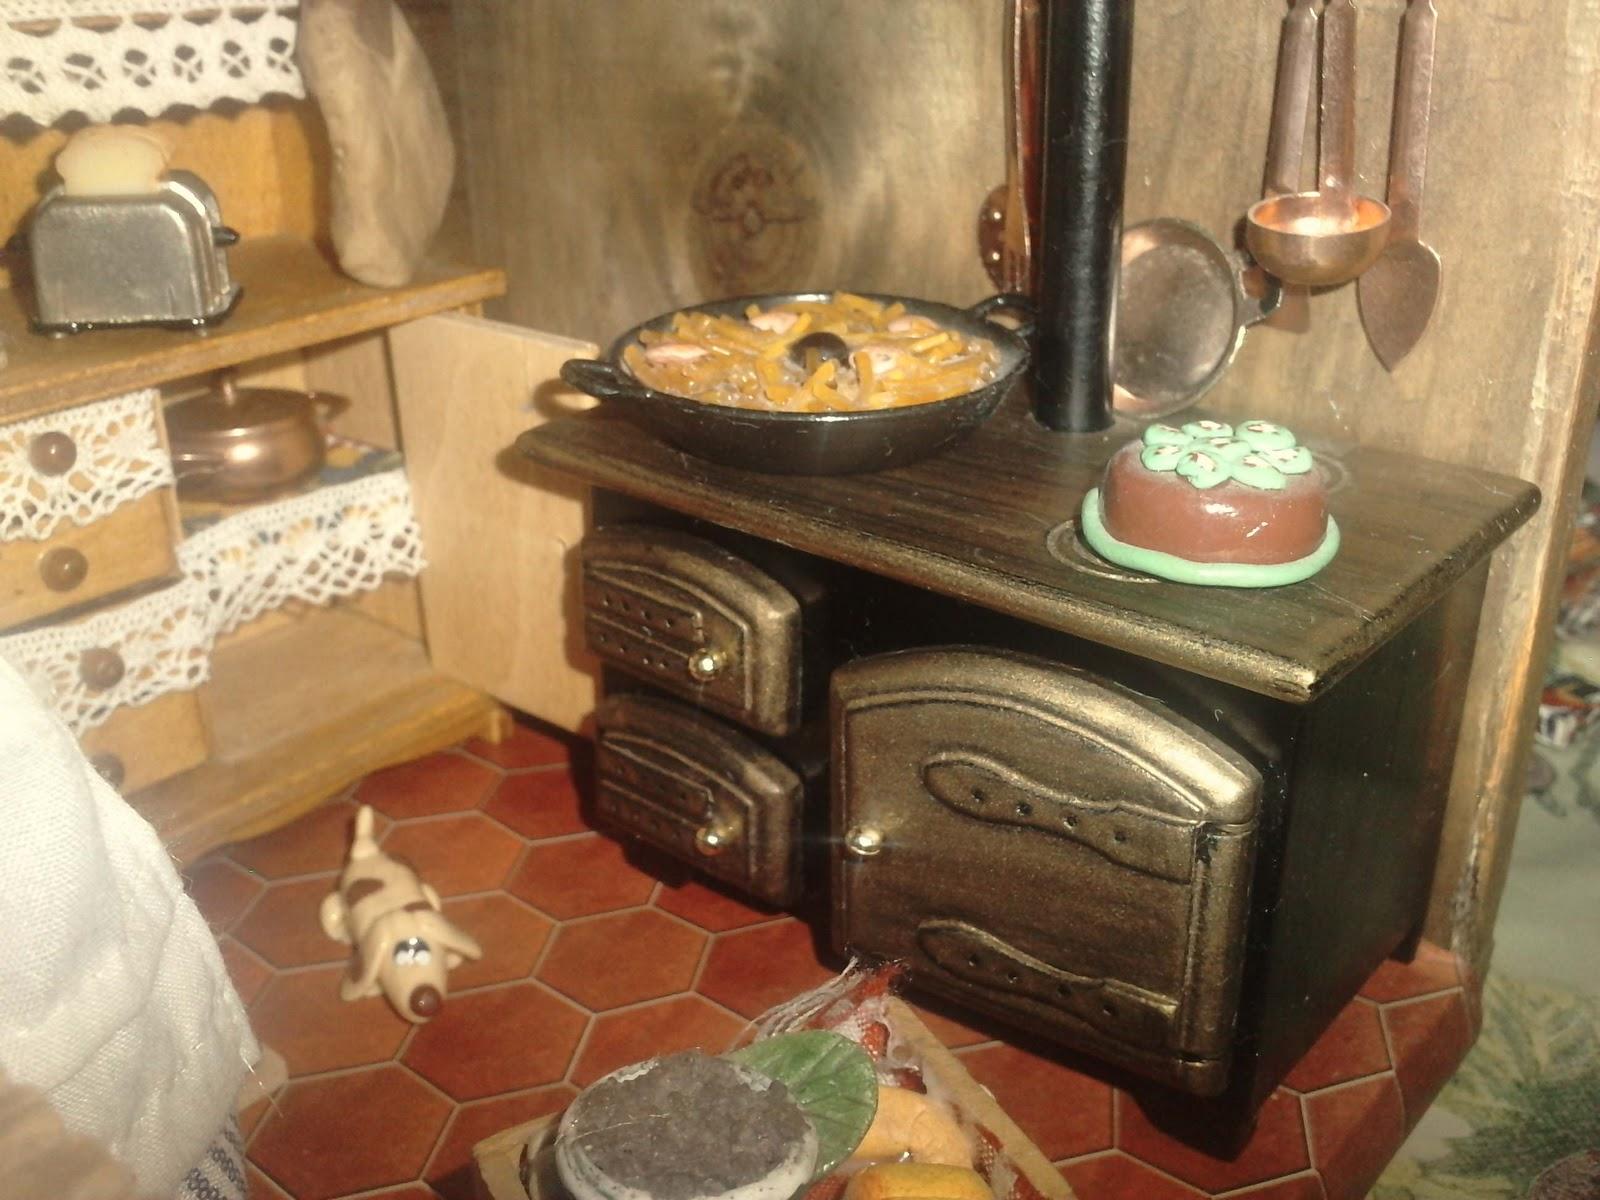 Artesania mydina escena de cocina de pueblo - Cocinas de pueblo ...